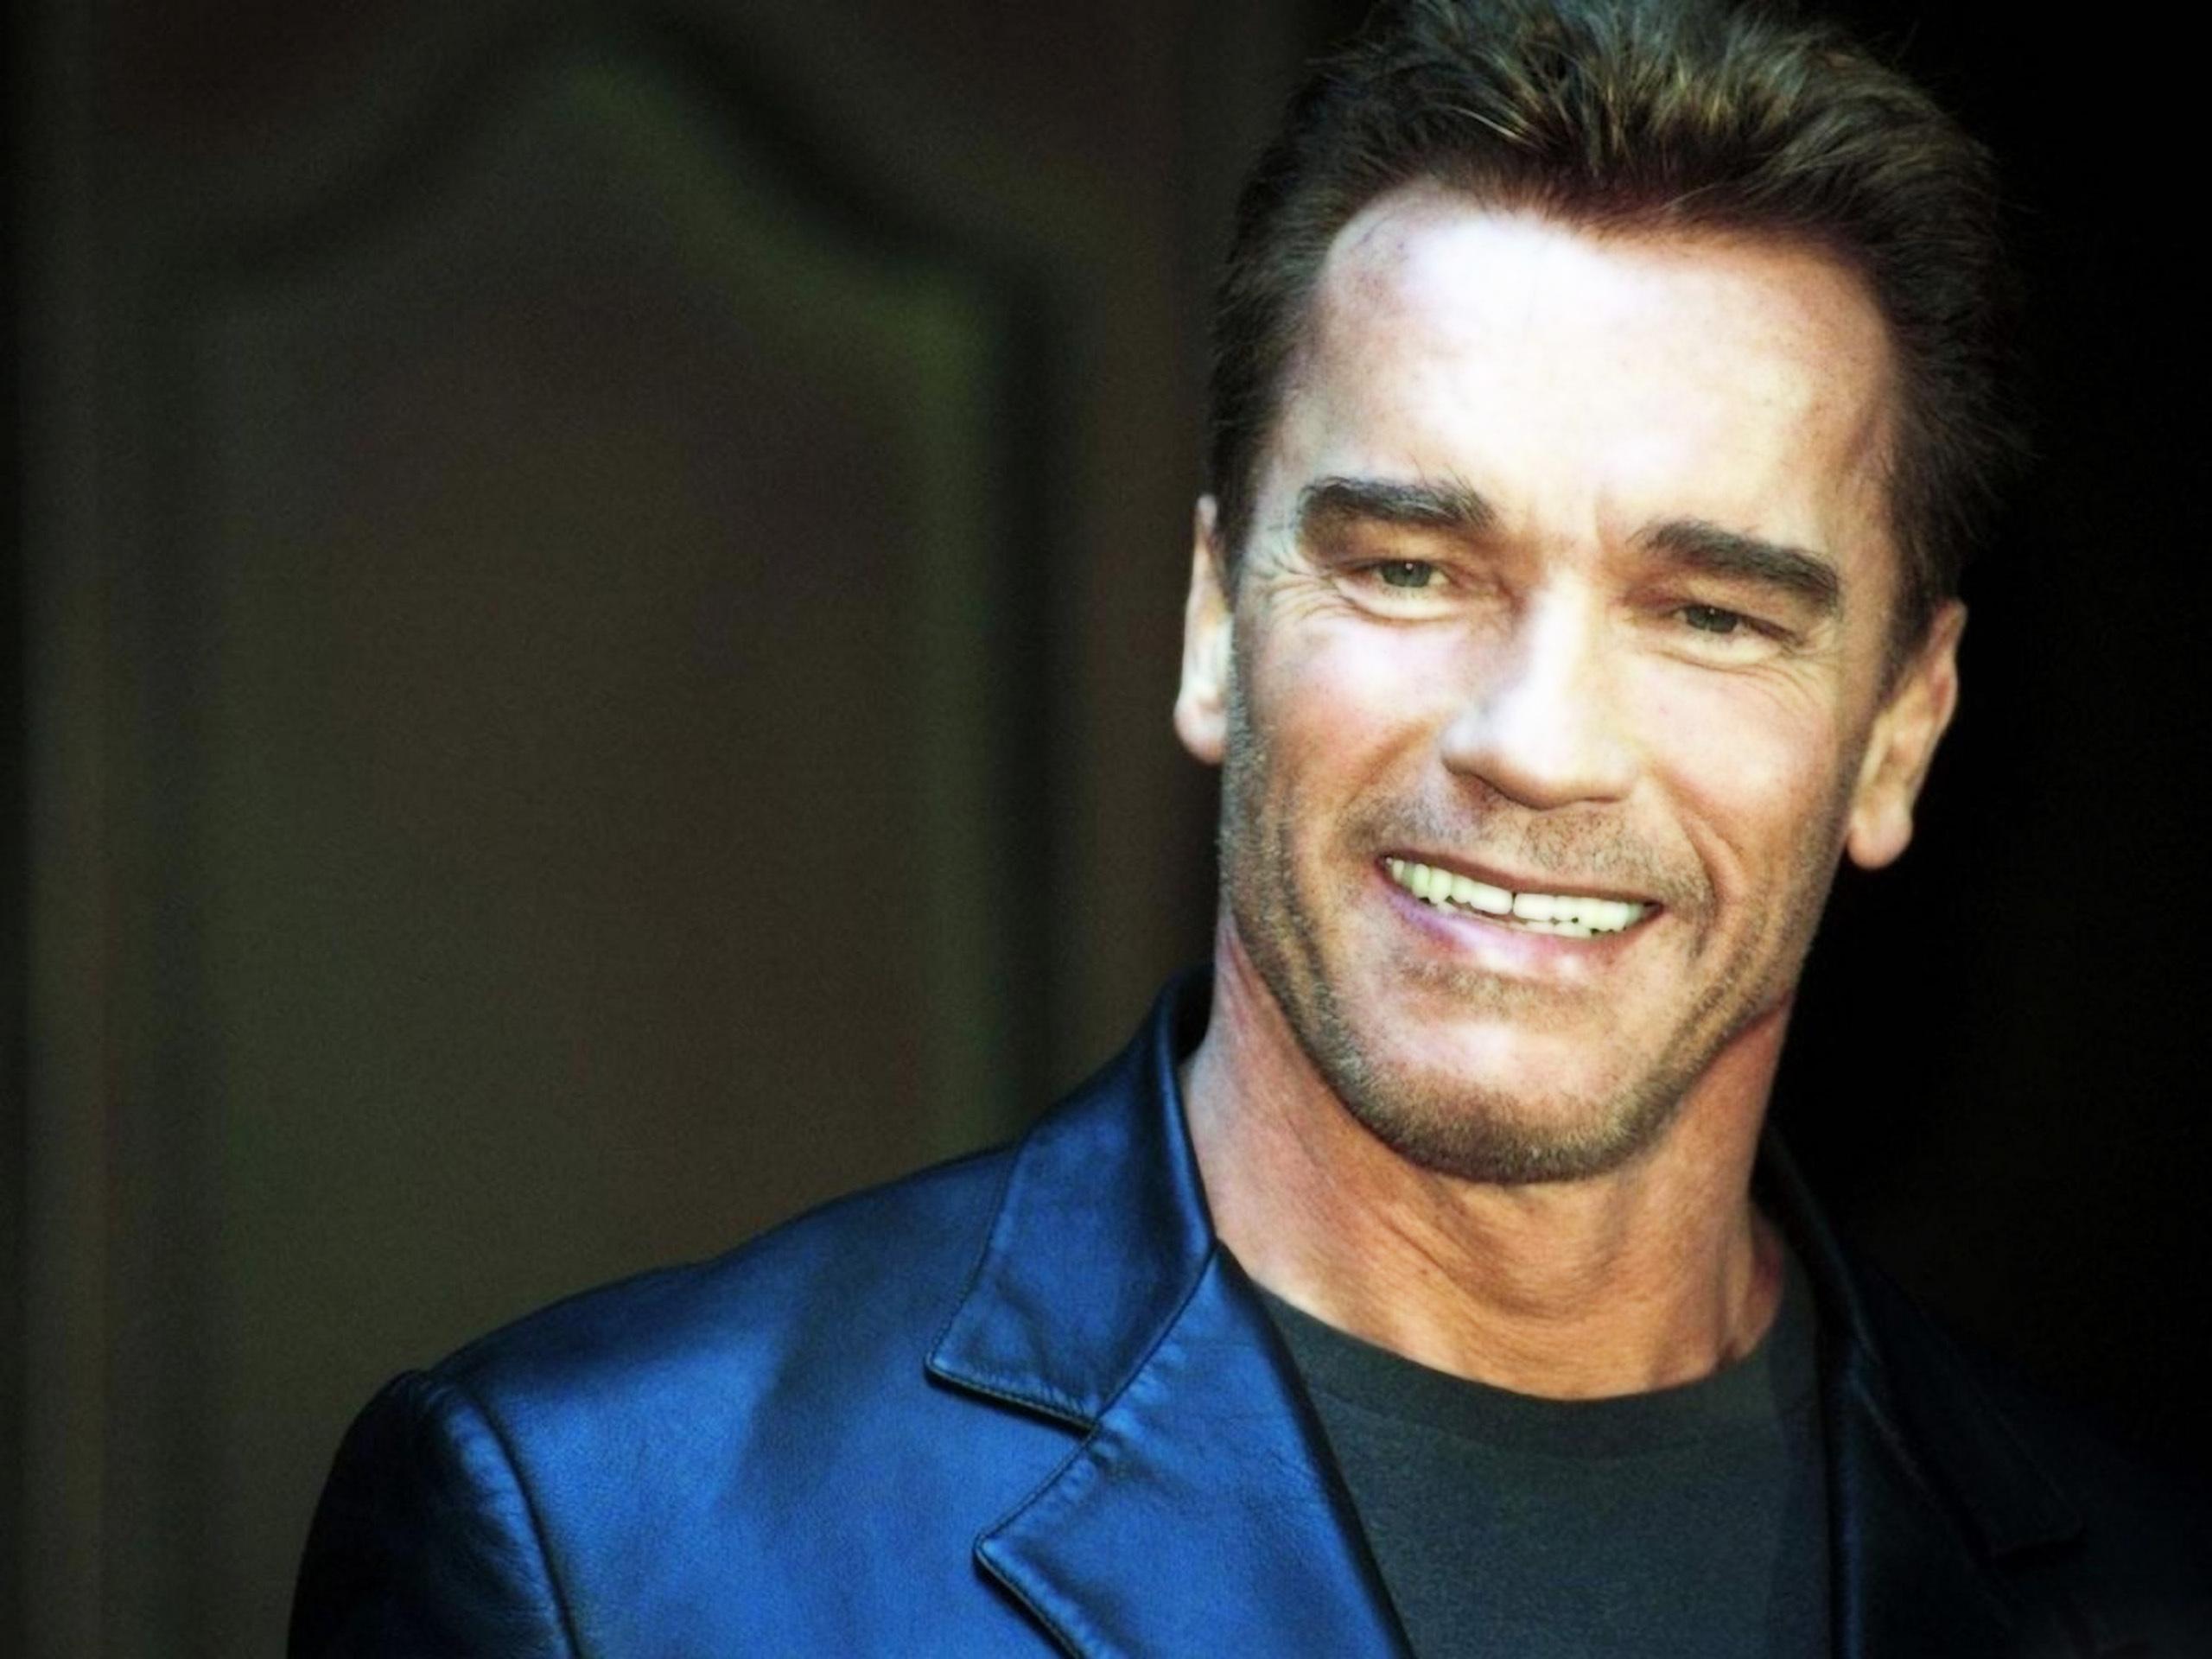 Arnold Schwarzenegger High Definition Wallpapers